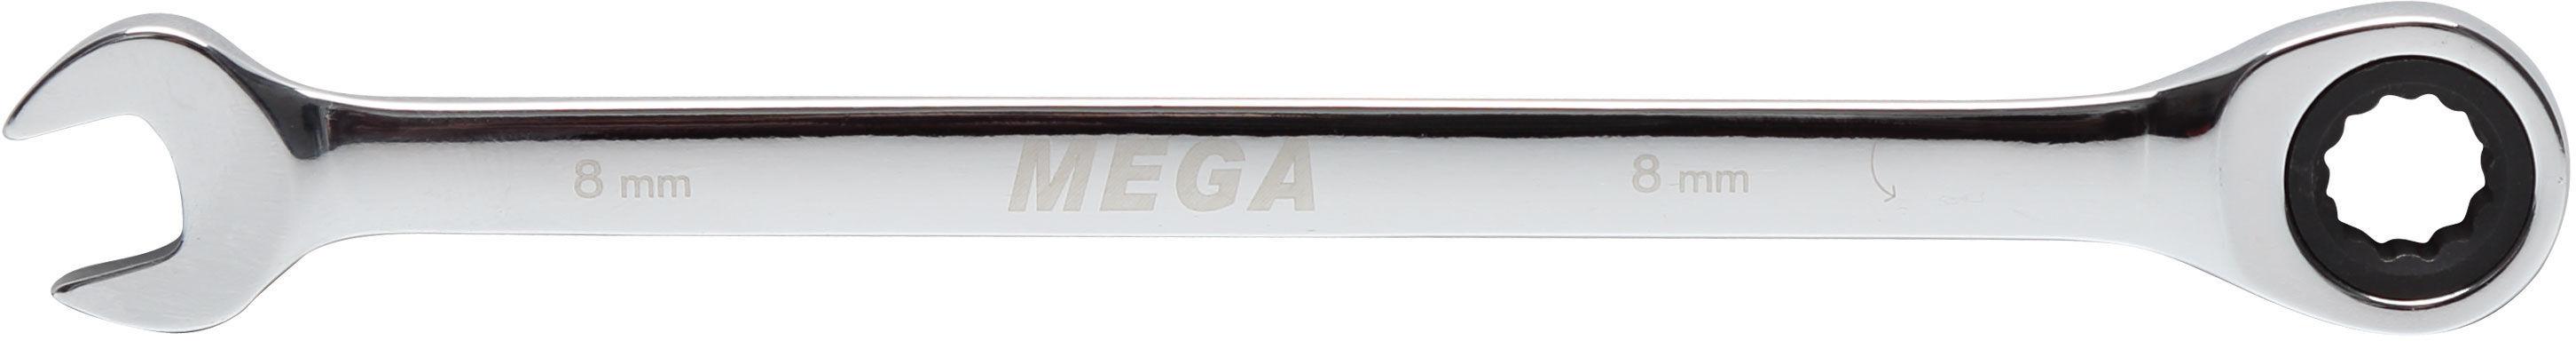 Klucz oczkowo-płaski z grzechotką, 9mm